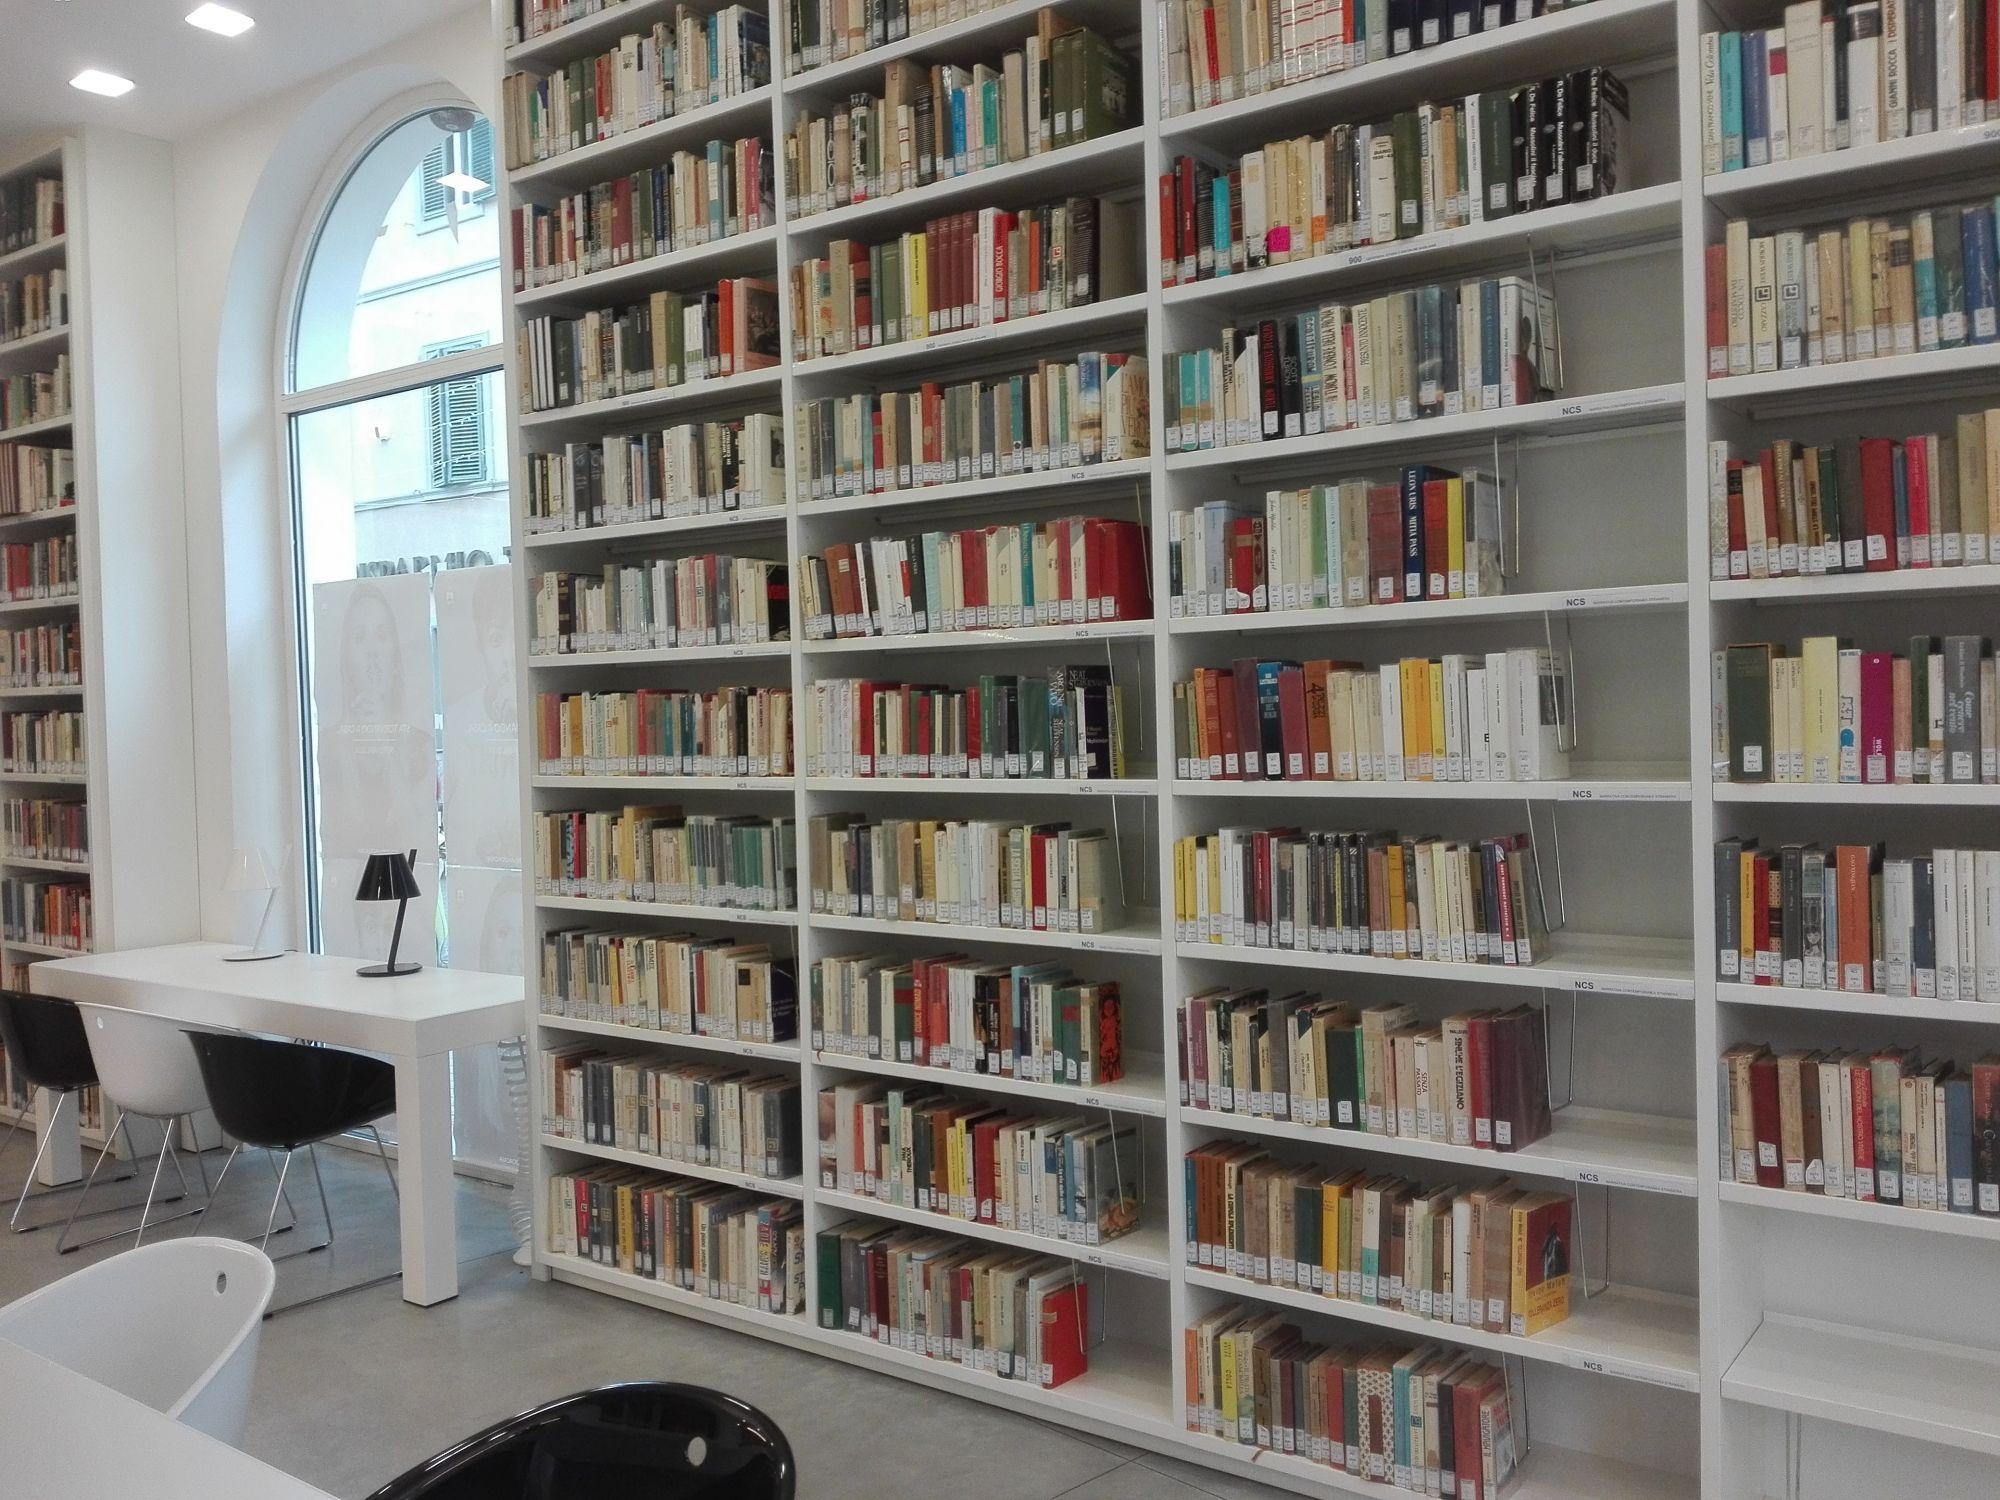 Biblioteca comunale presa d'assalto per il primo week-end dopo la riapertura